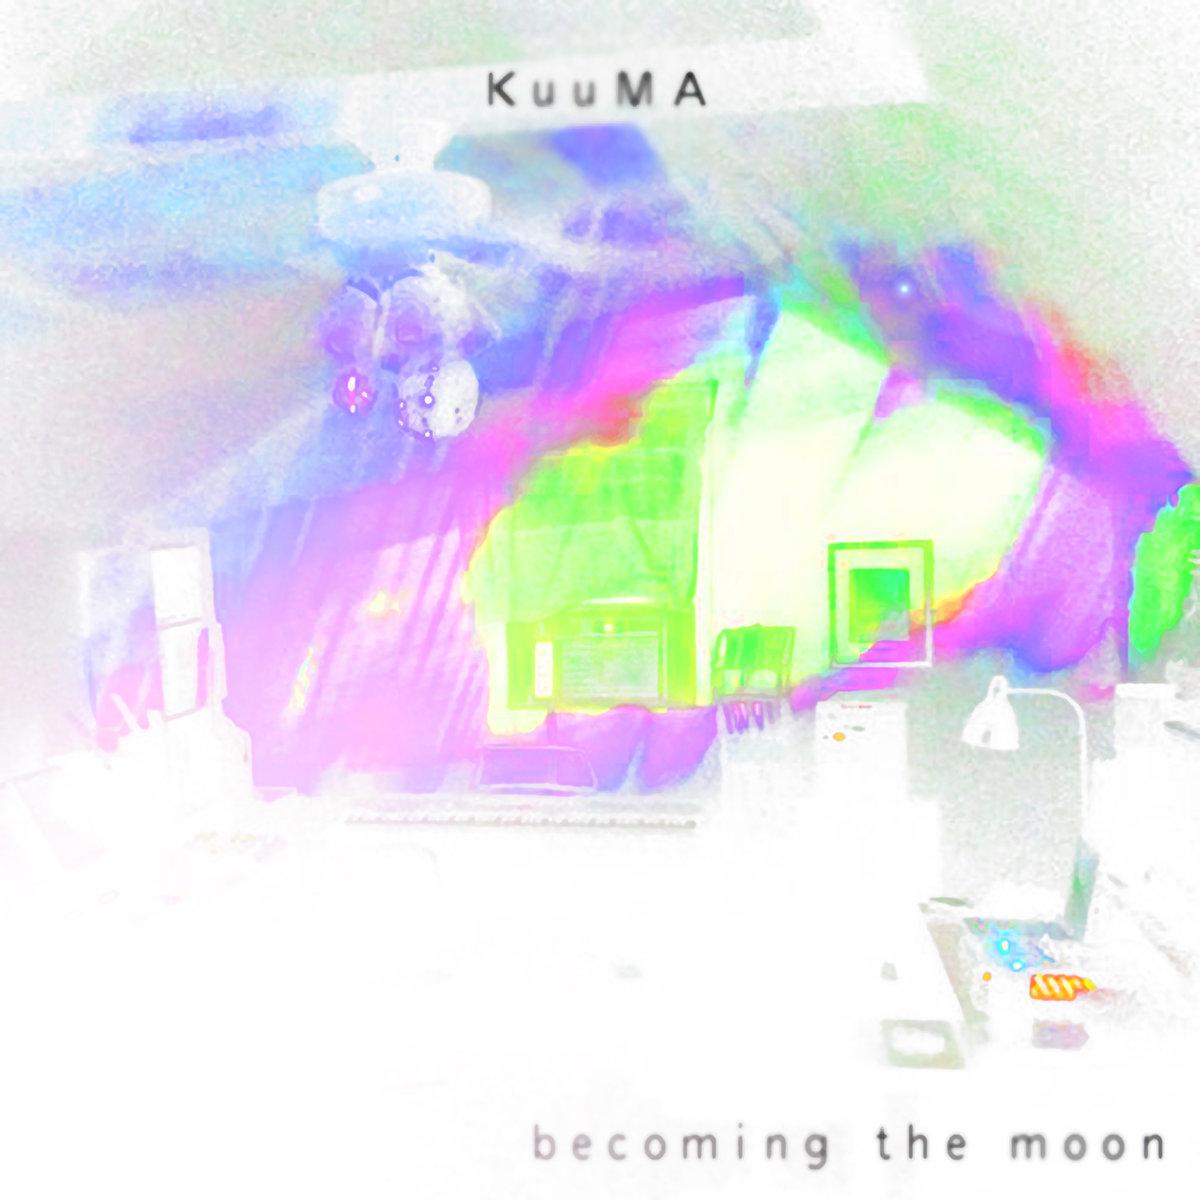 kuuma-becoming-the-moon.jpg